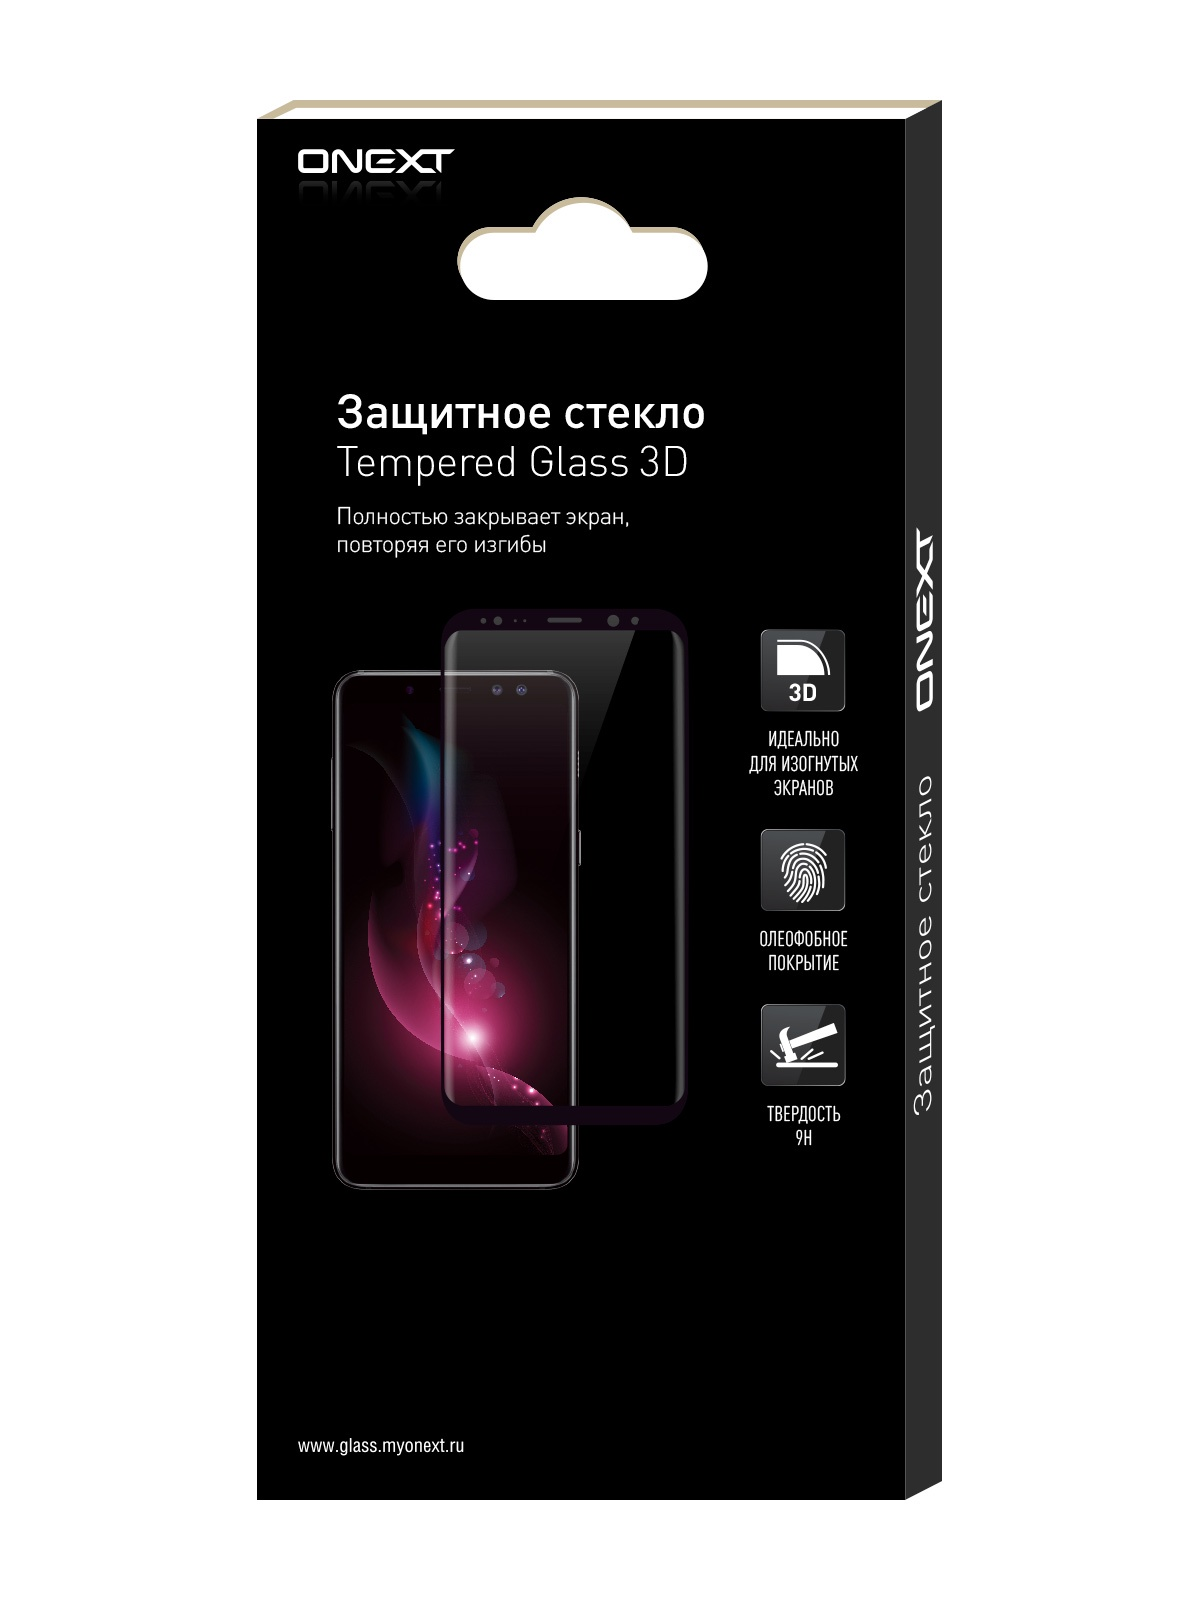 Защитное стекло ONEXT Sony Xperia XZ2 Compact 3D аксессуар защитное стекло для sony xperia z3 compact onext 40912